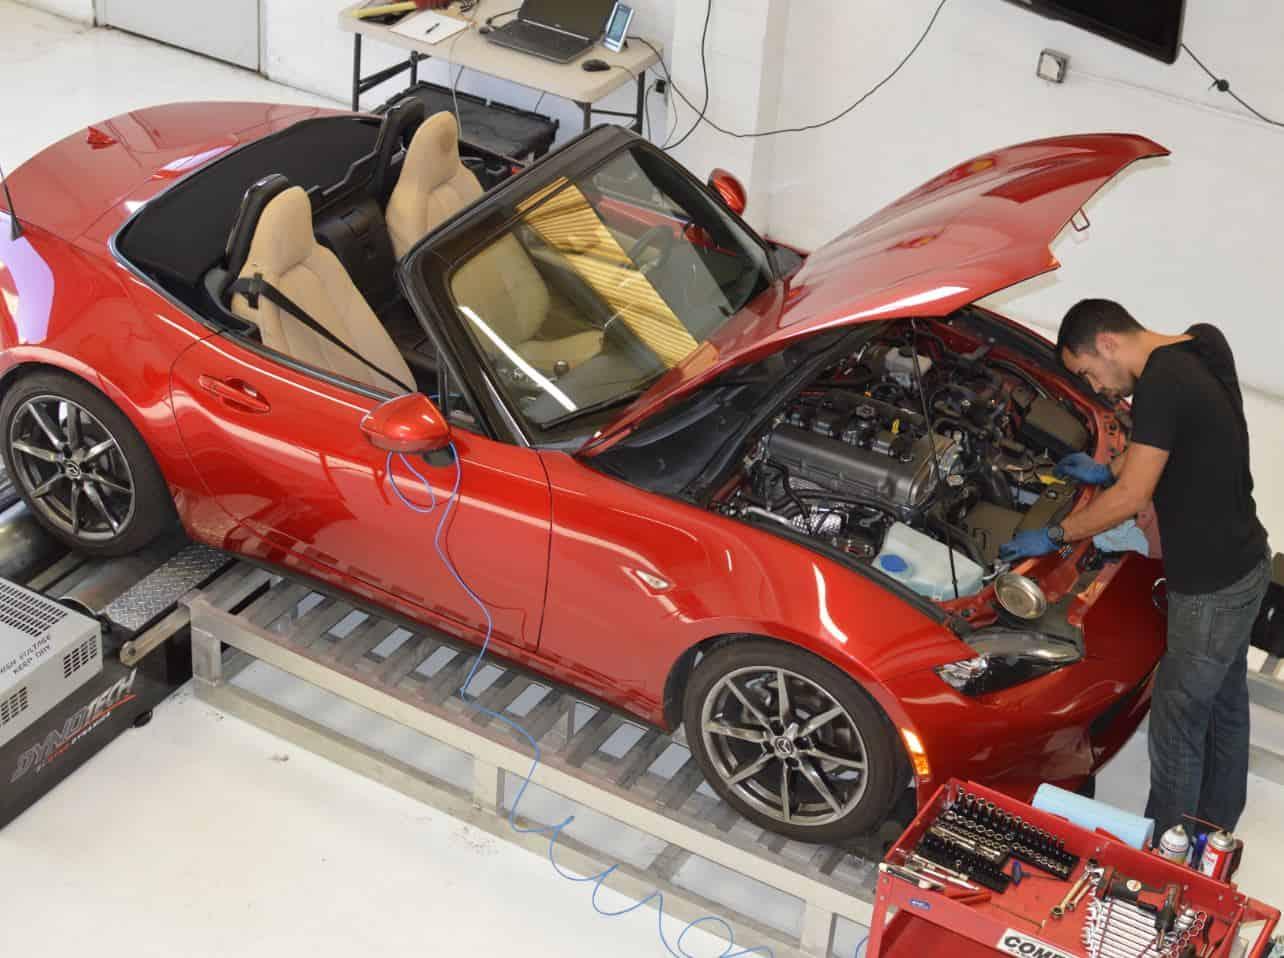 Mazda MX-5 in Shop